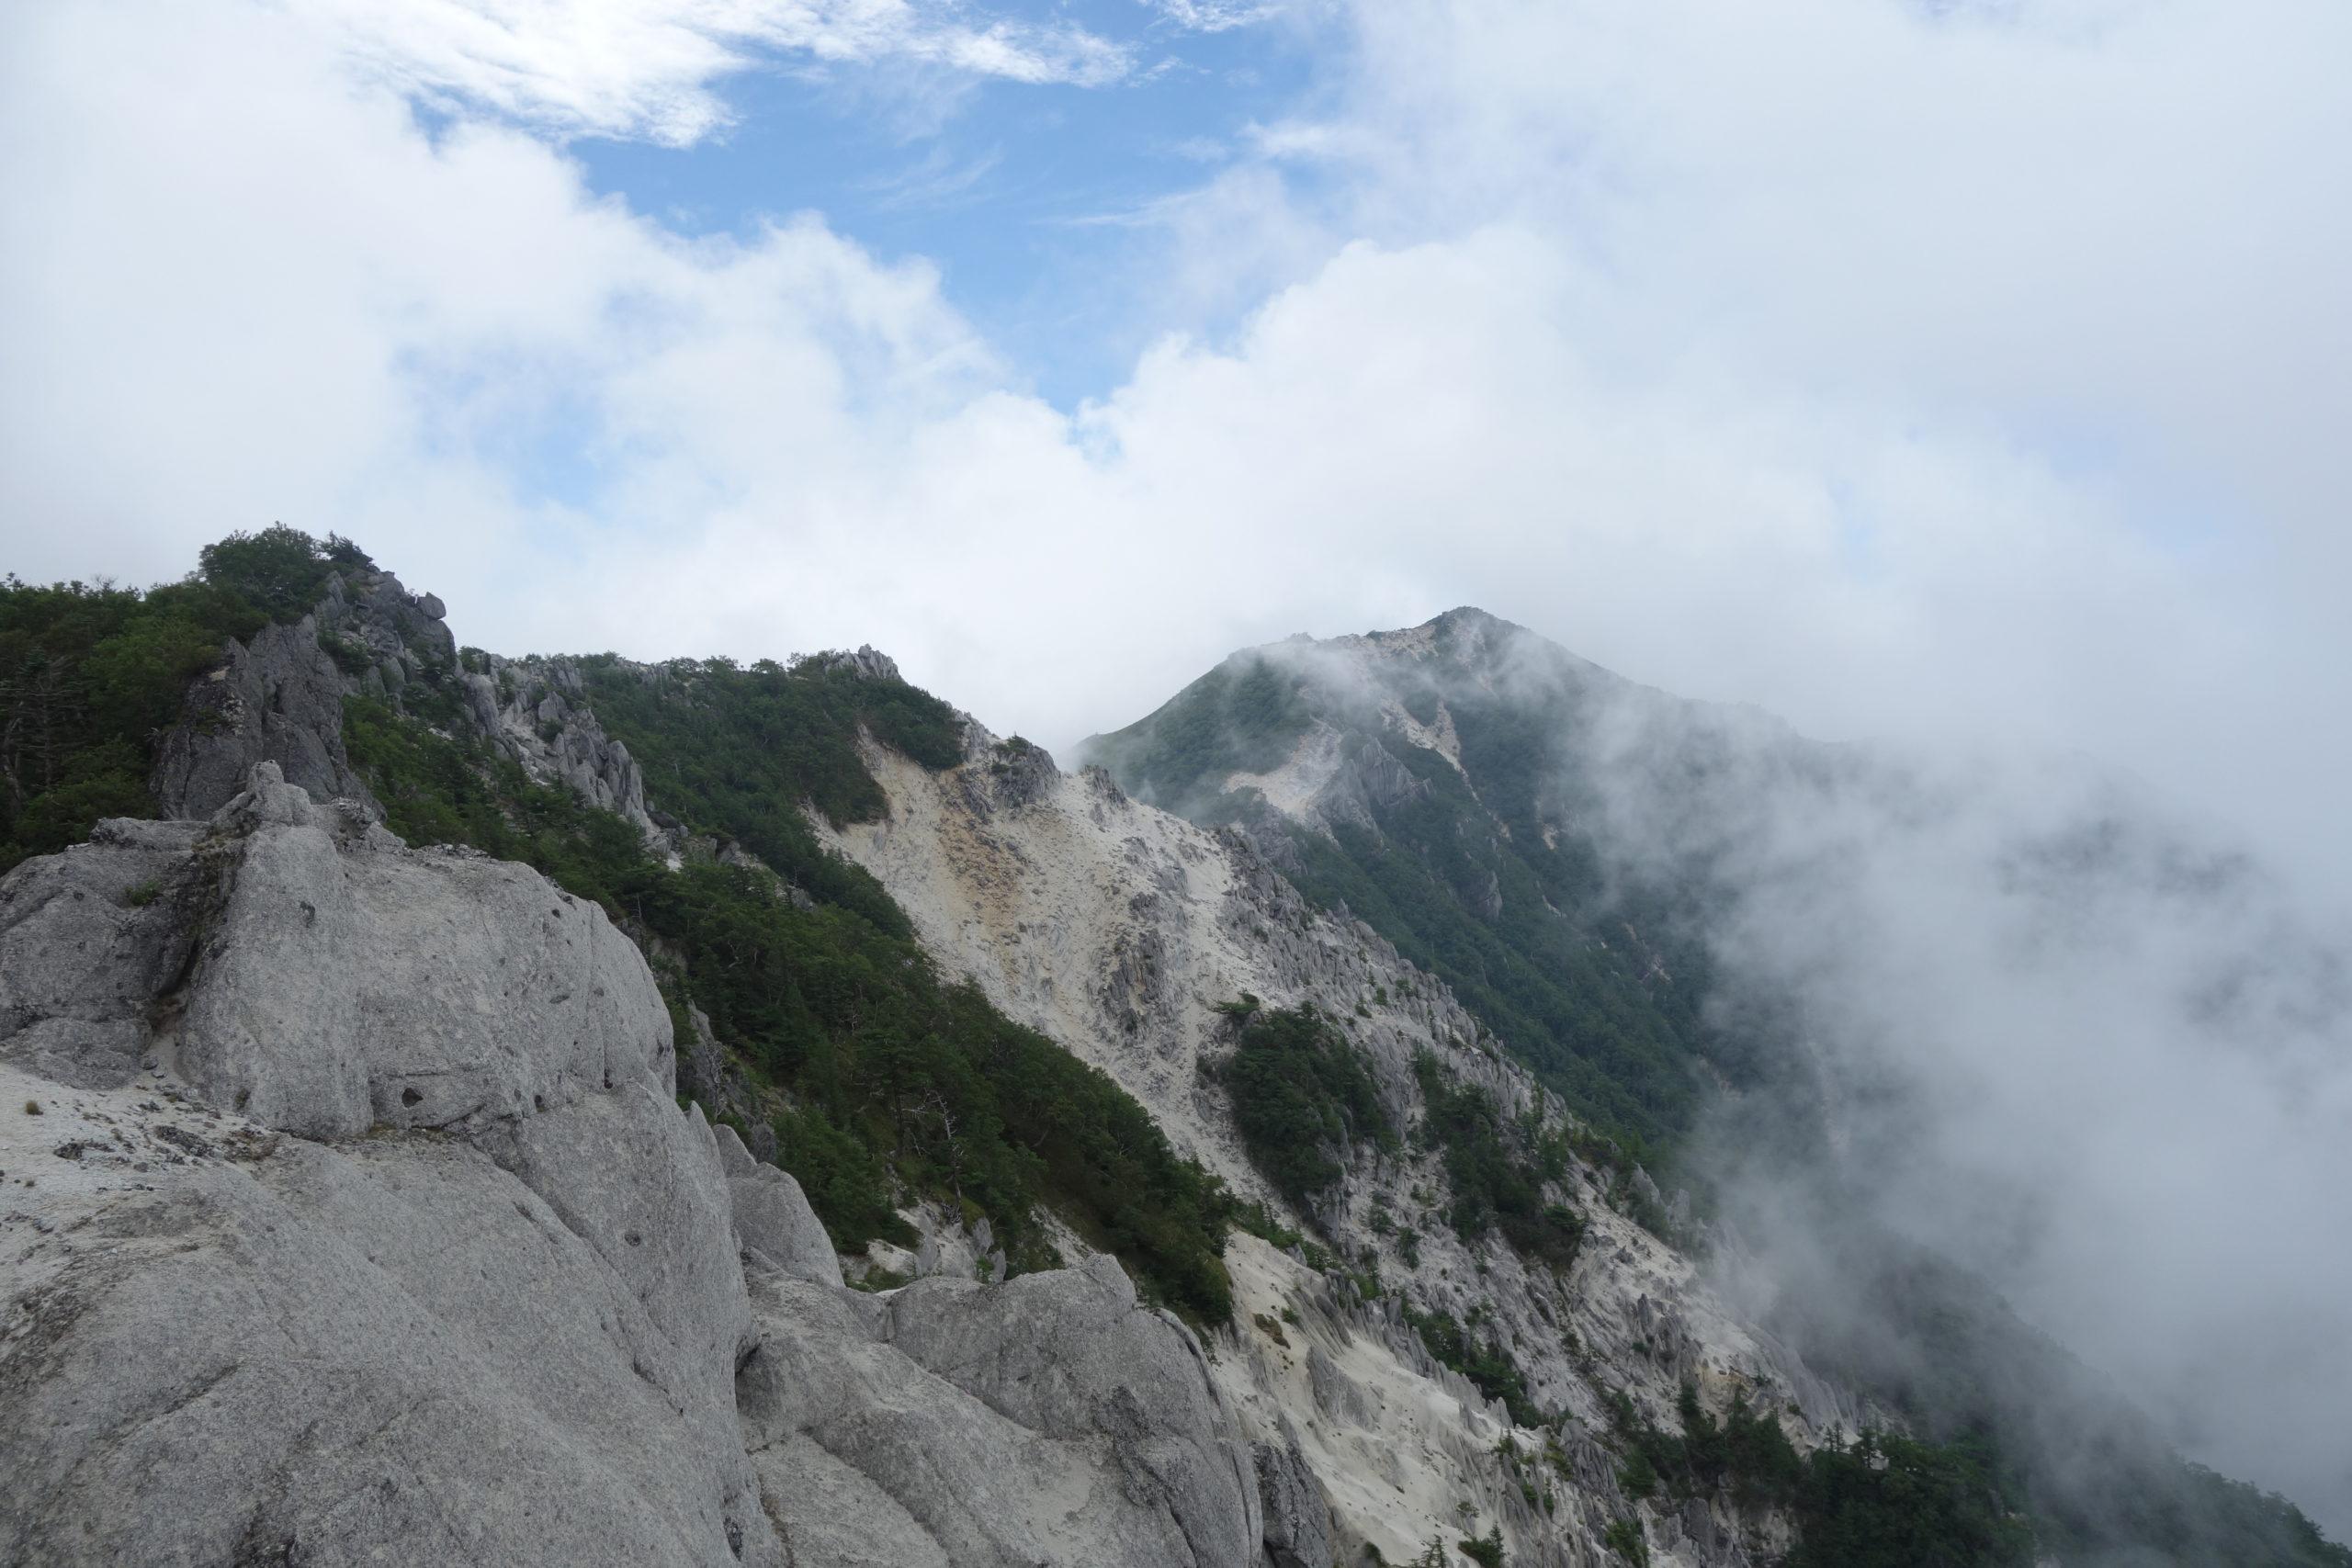 鳳凰三山地蔵岳 高嶺〜地蔵岳〜鳳凰小屋